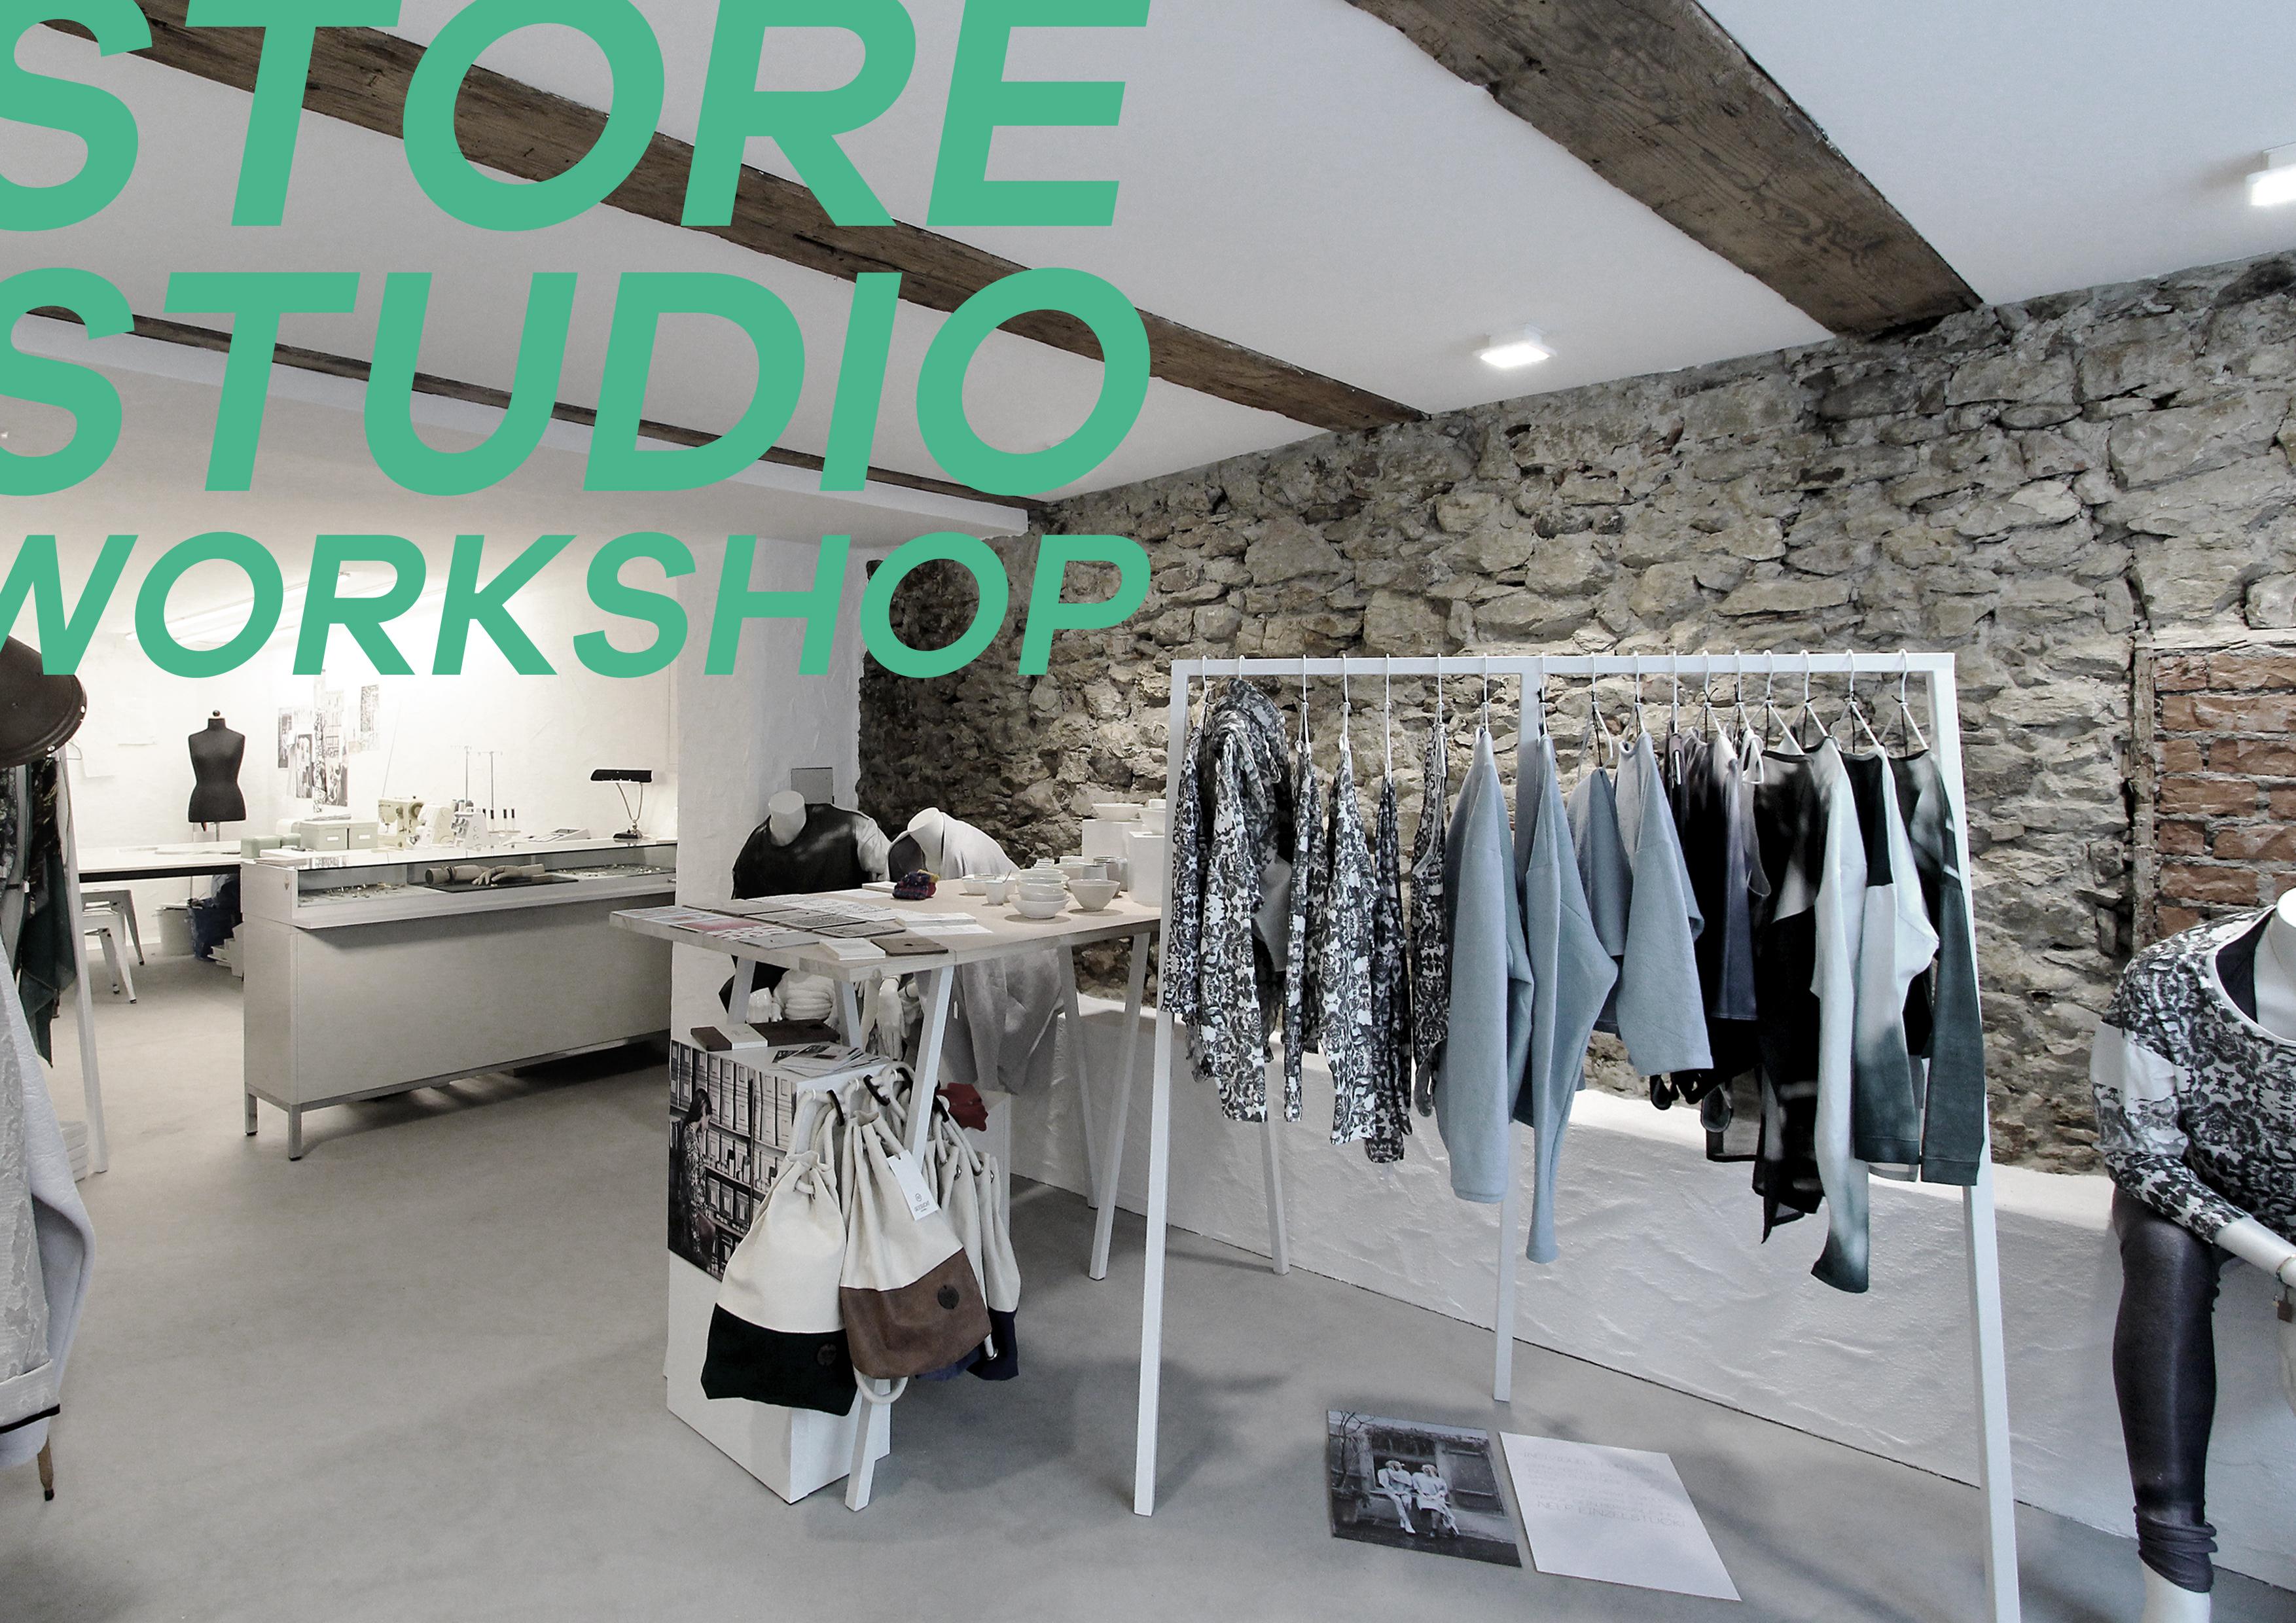 store.studio.workshop